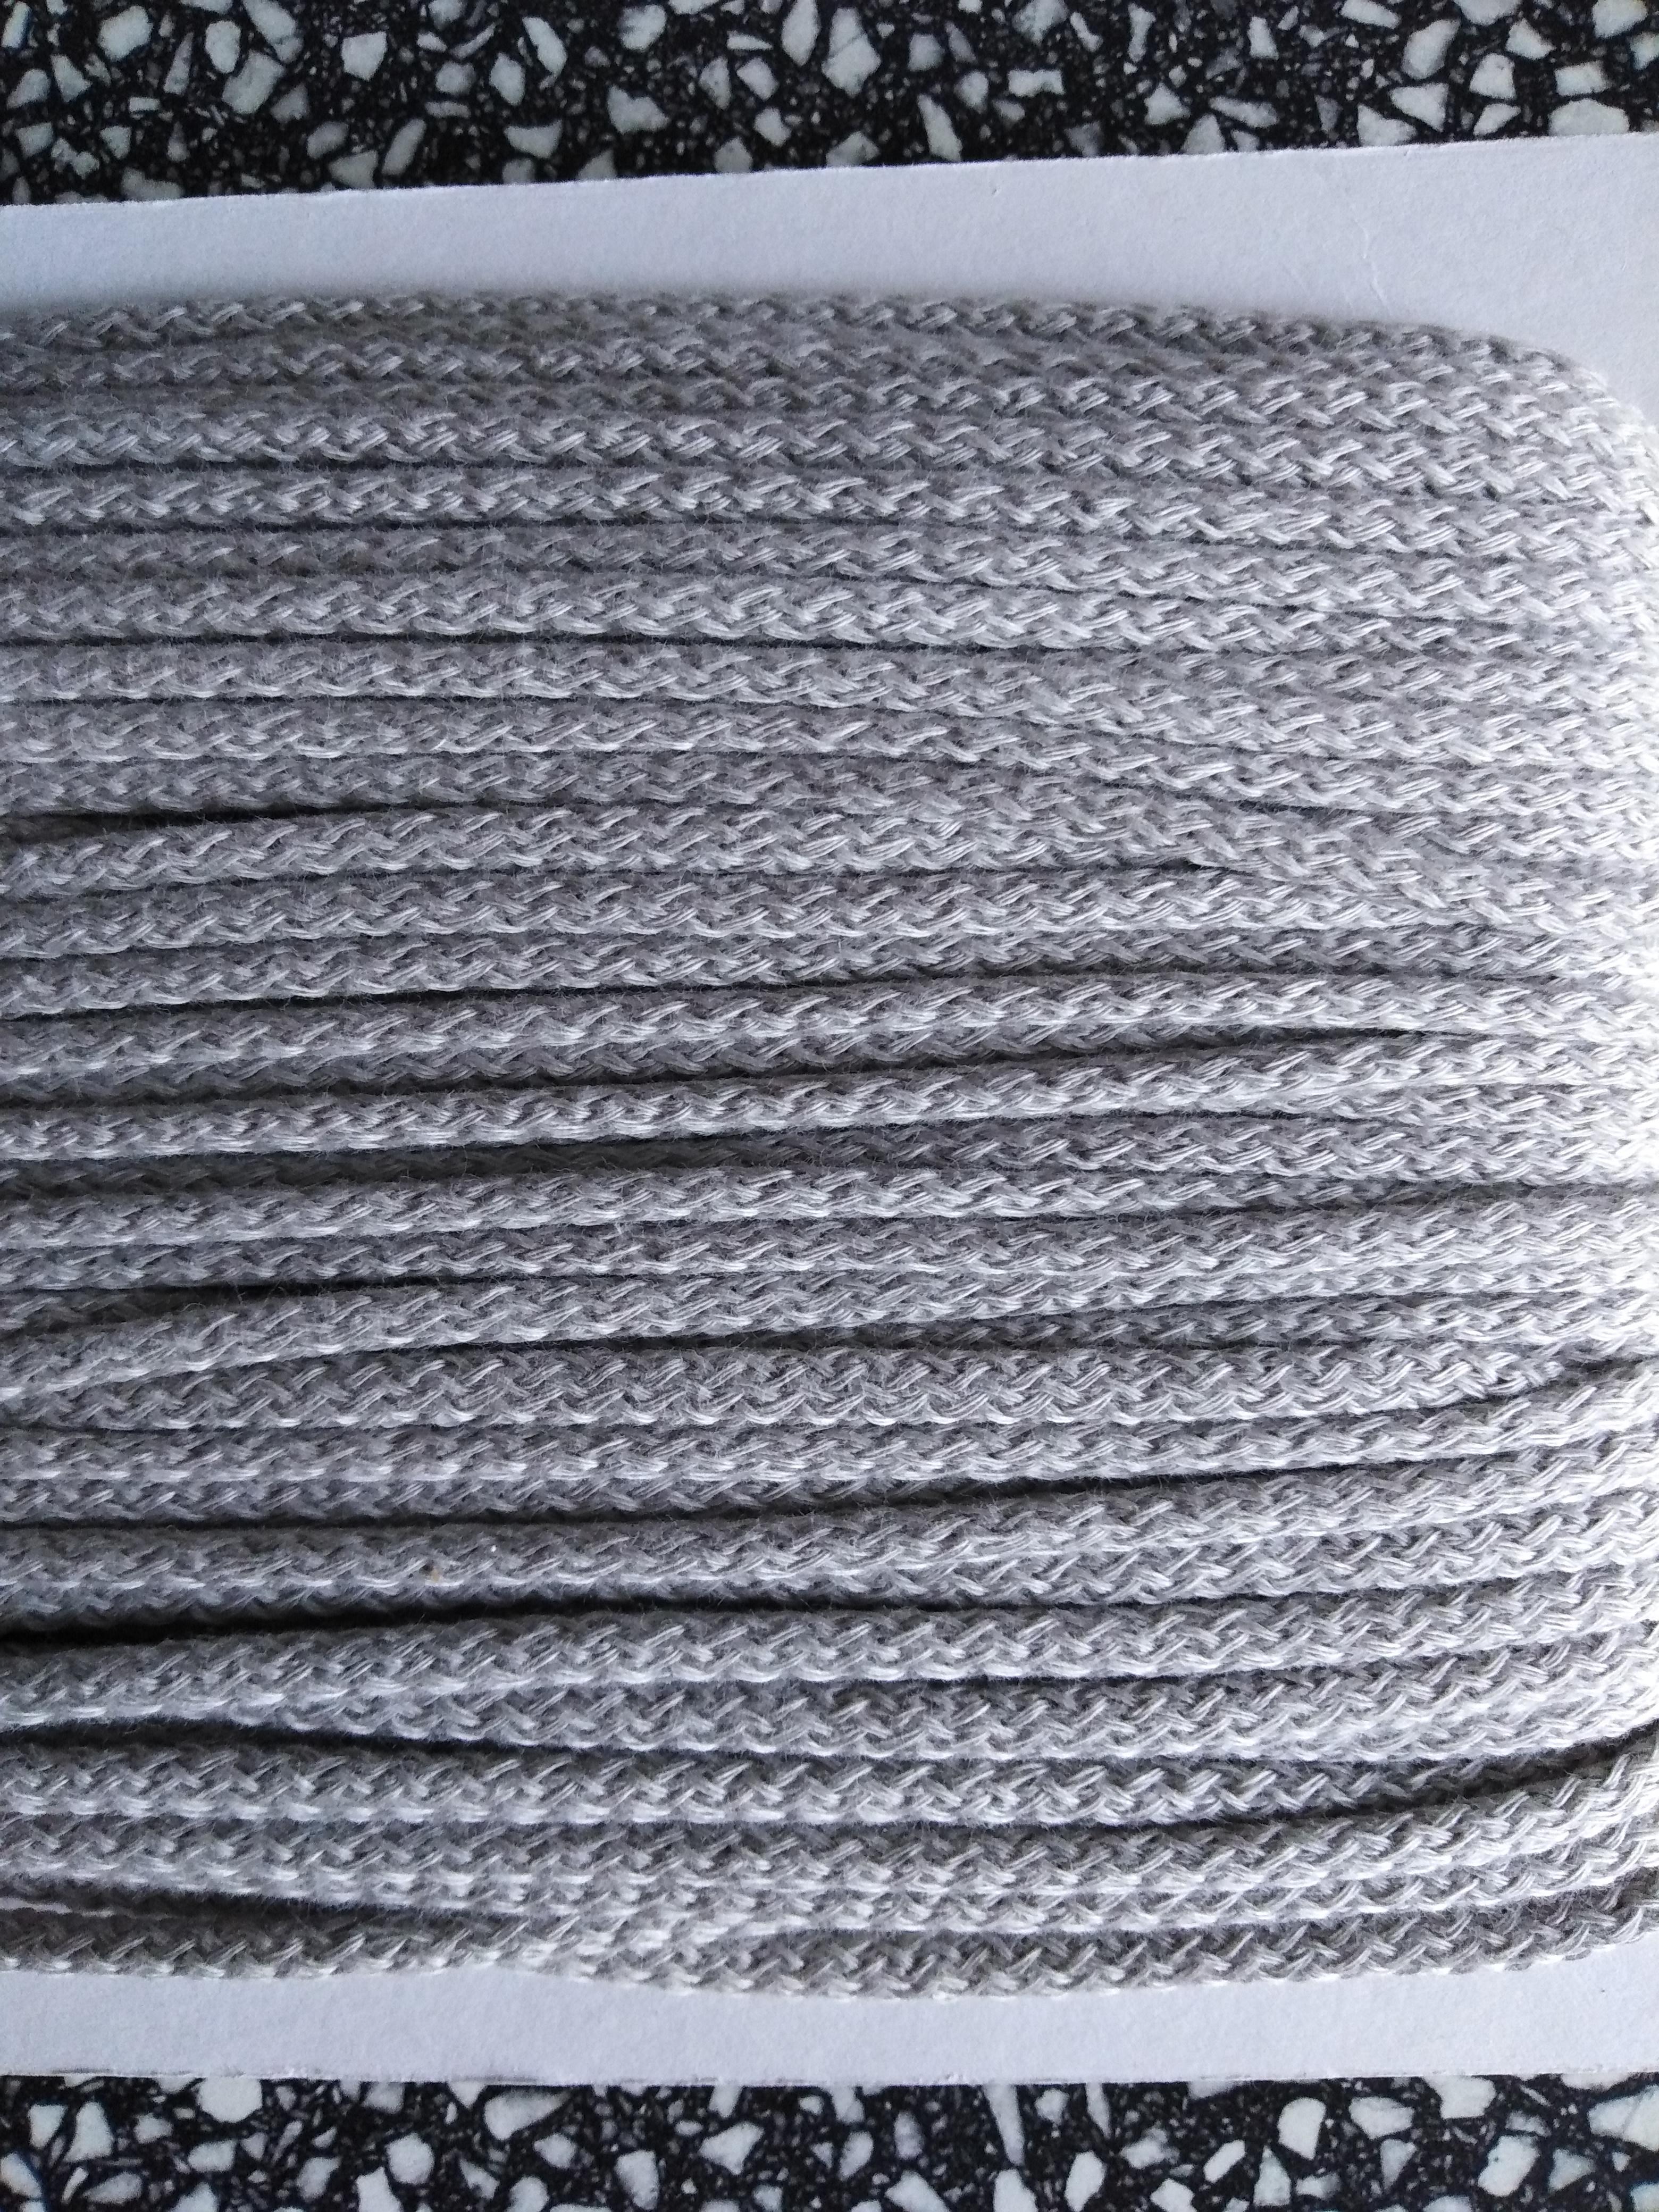 Šňůra oděvní bavlněná 4 mm světle šedá